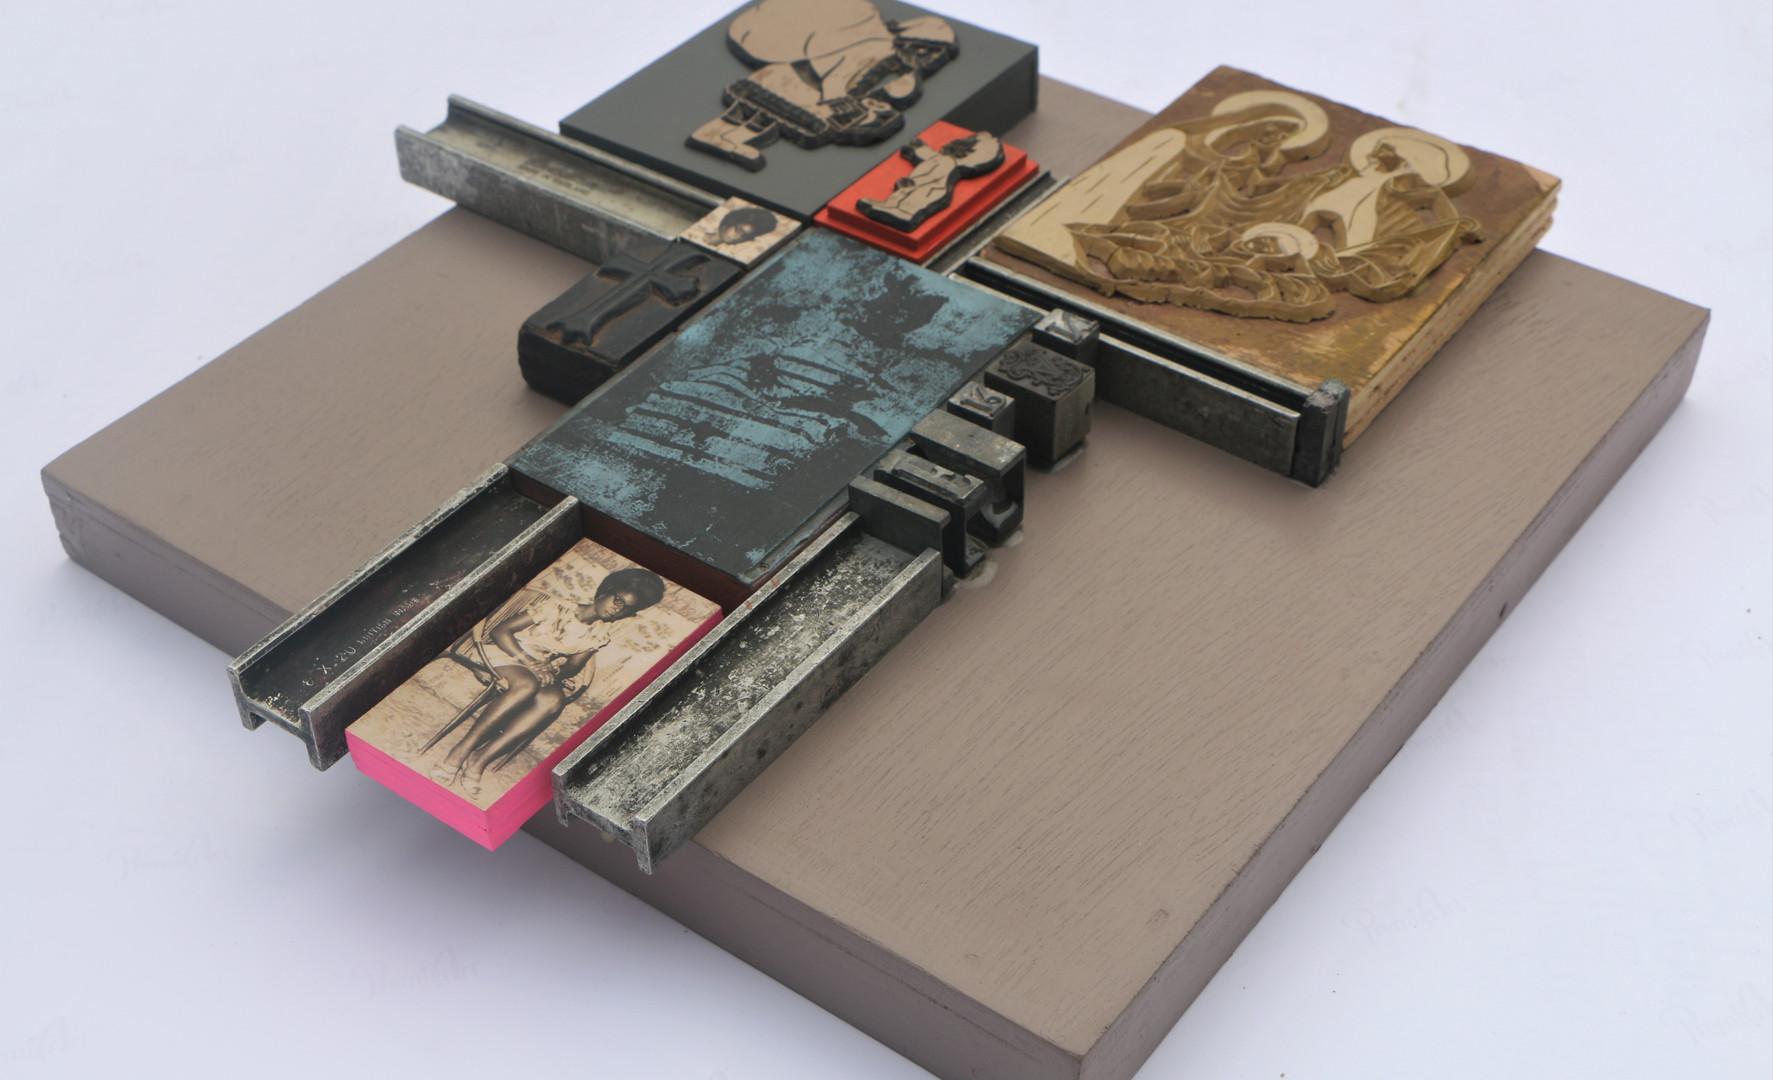 Kelani Abass, 2020, Scrap of Evidence (Iferan 2), 32 x 34 cm, technique mixte sur bois (pièces d'imprimerie métalliques, impression digitale, tampon en caoutchouc), 35 x 35 cm